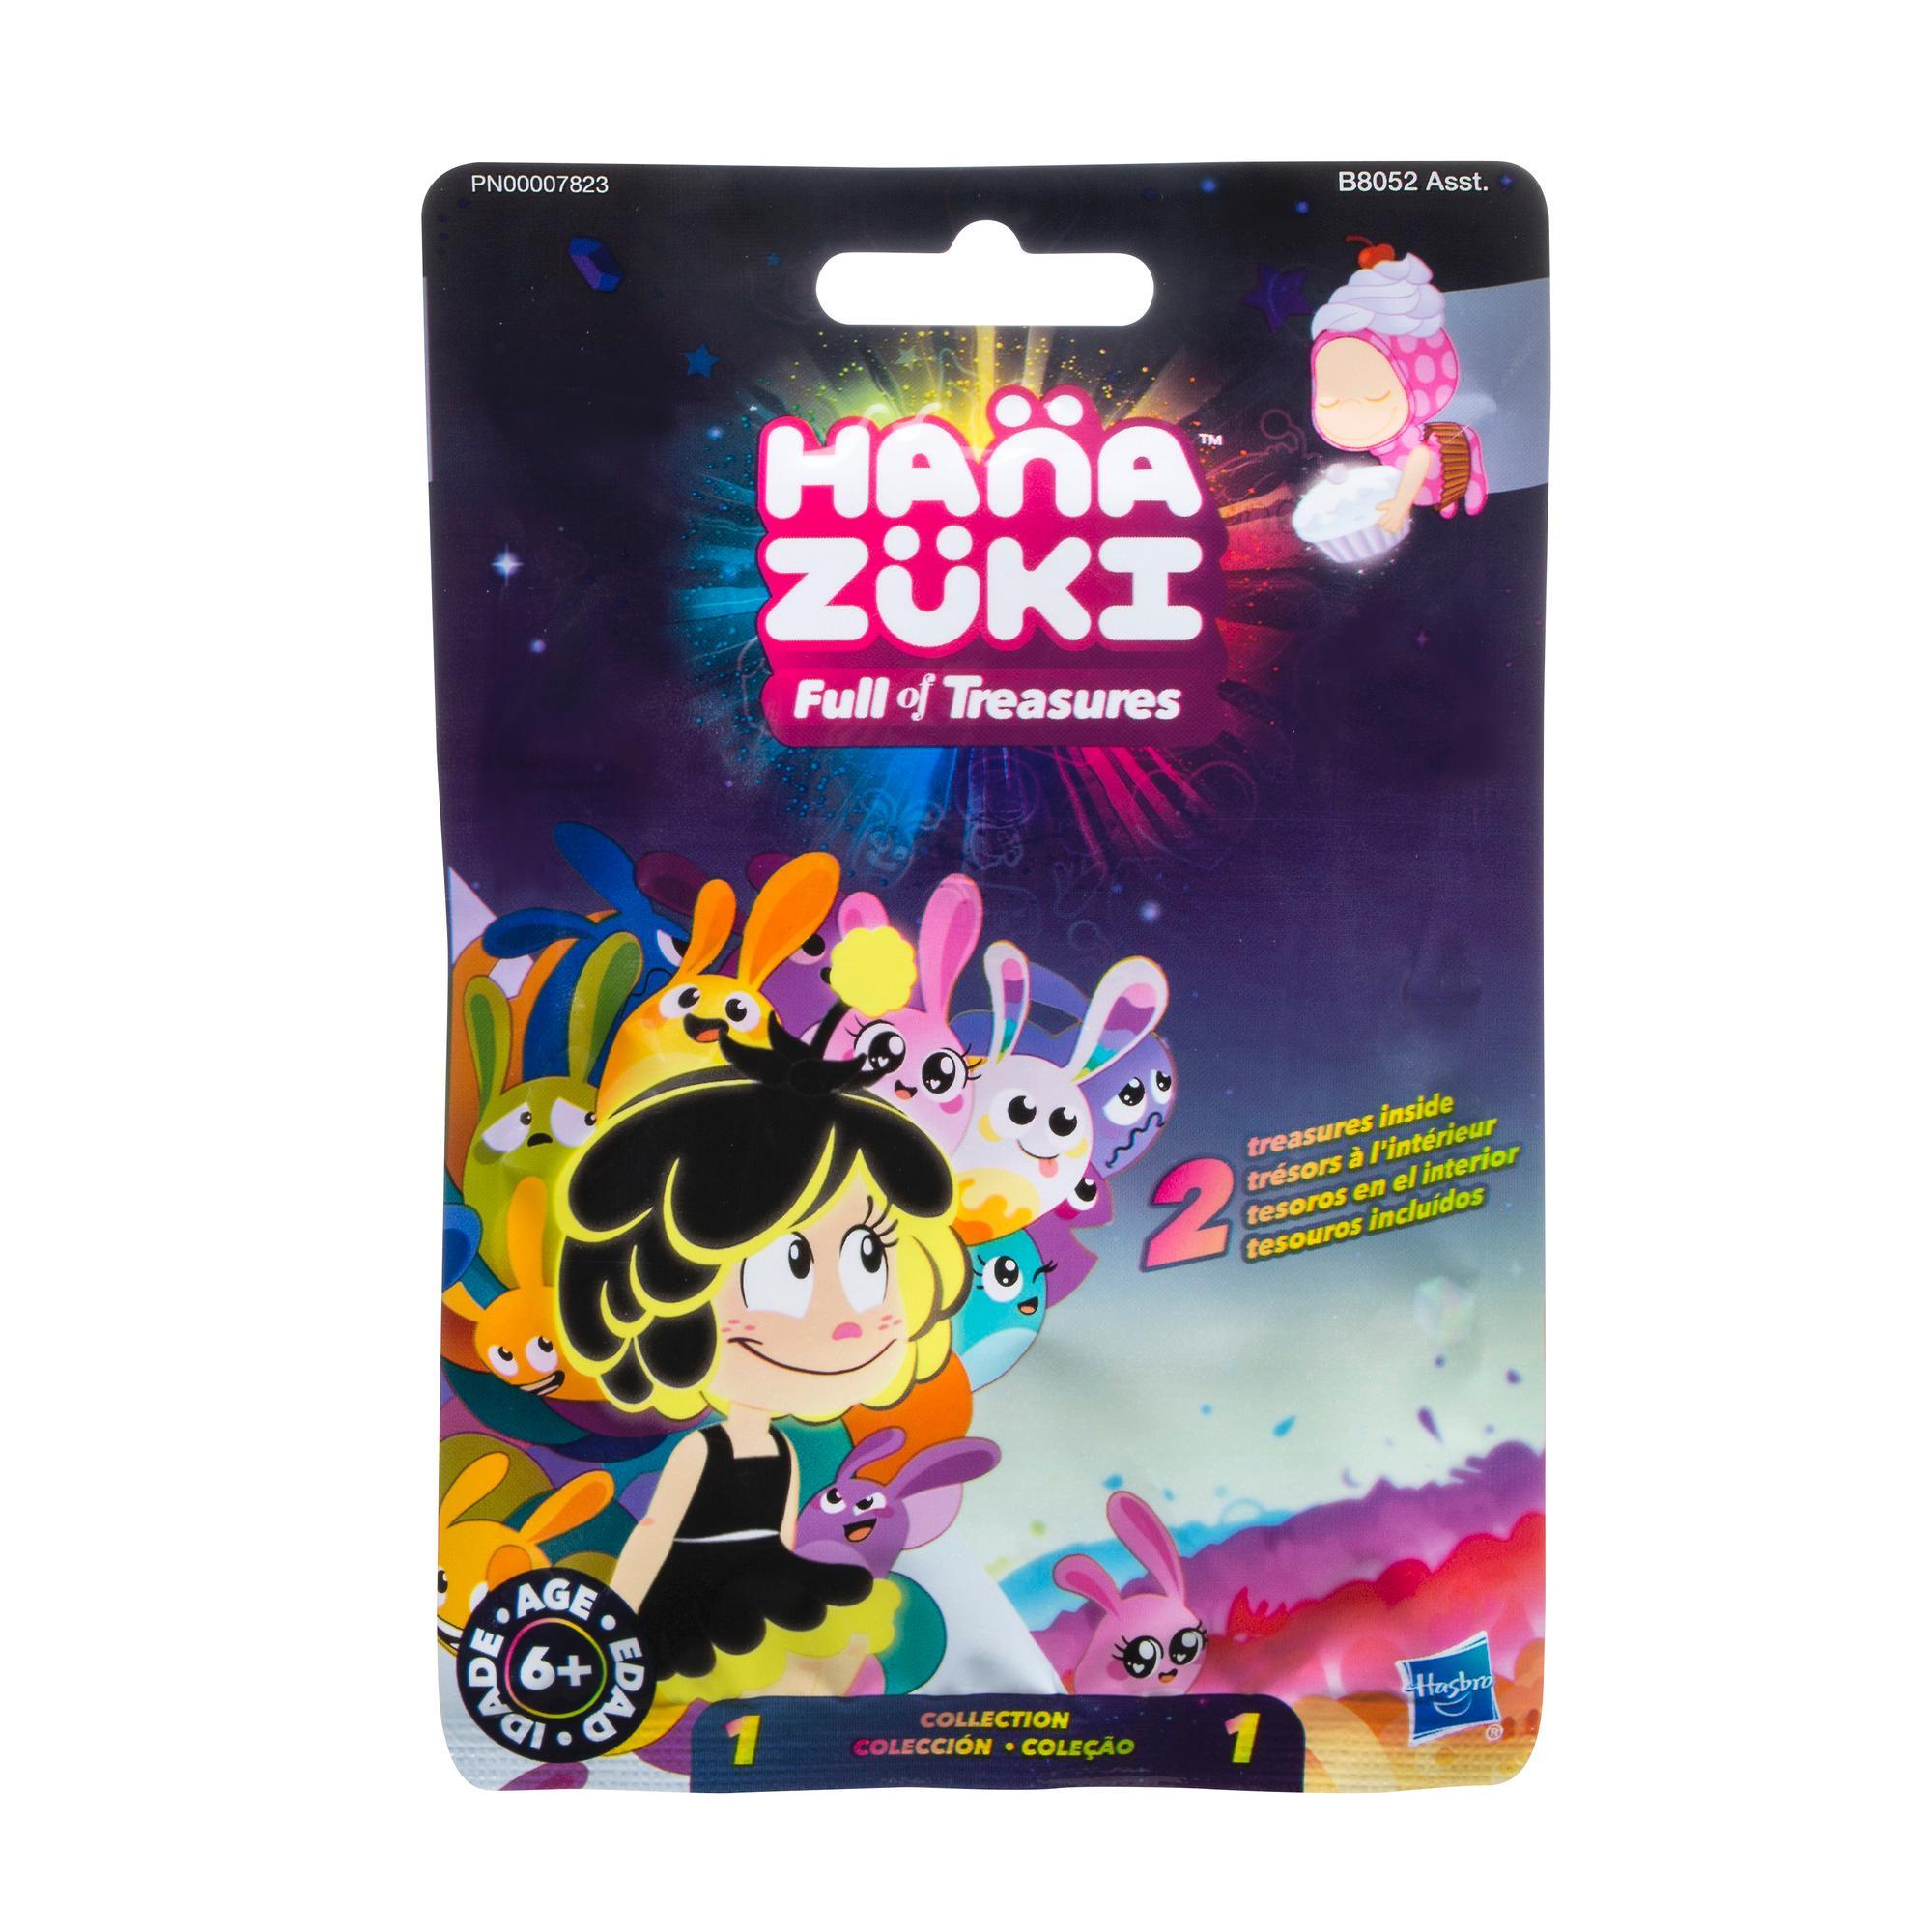 Hanazuki Tesoros sorpresa (Colección 1)